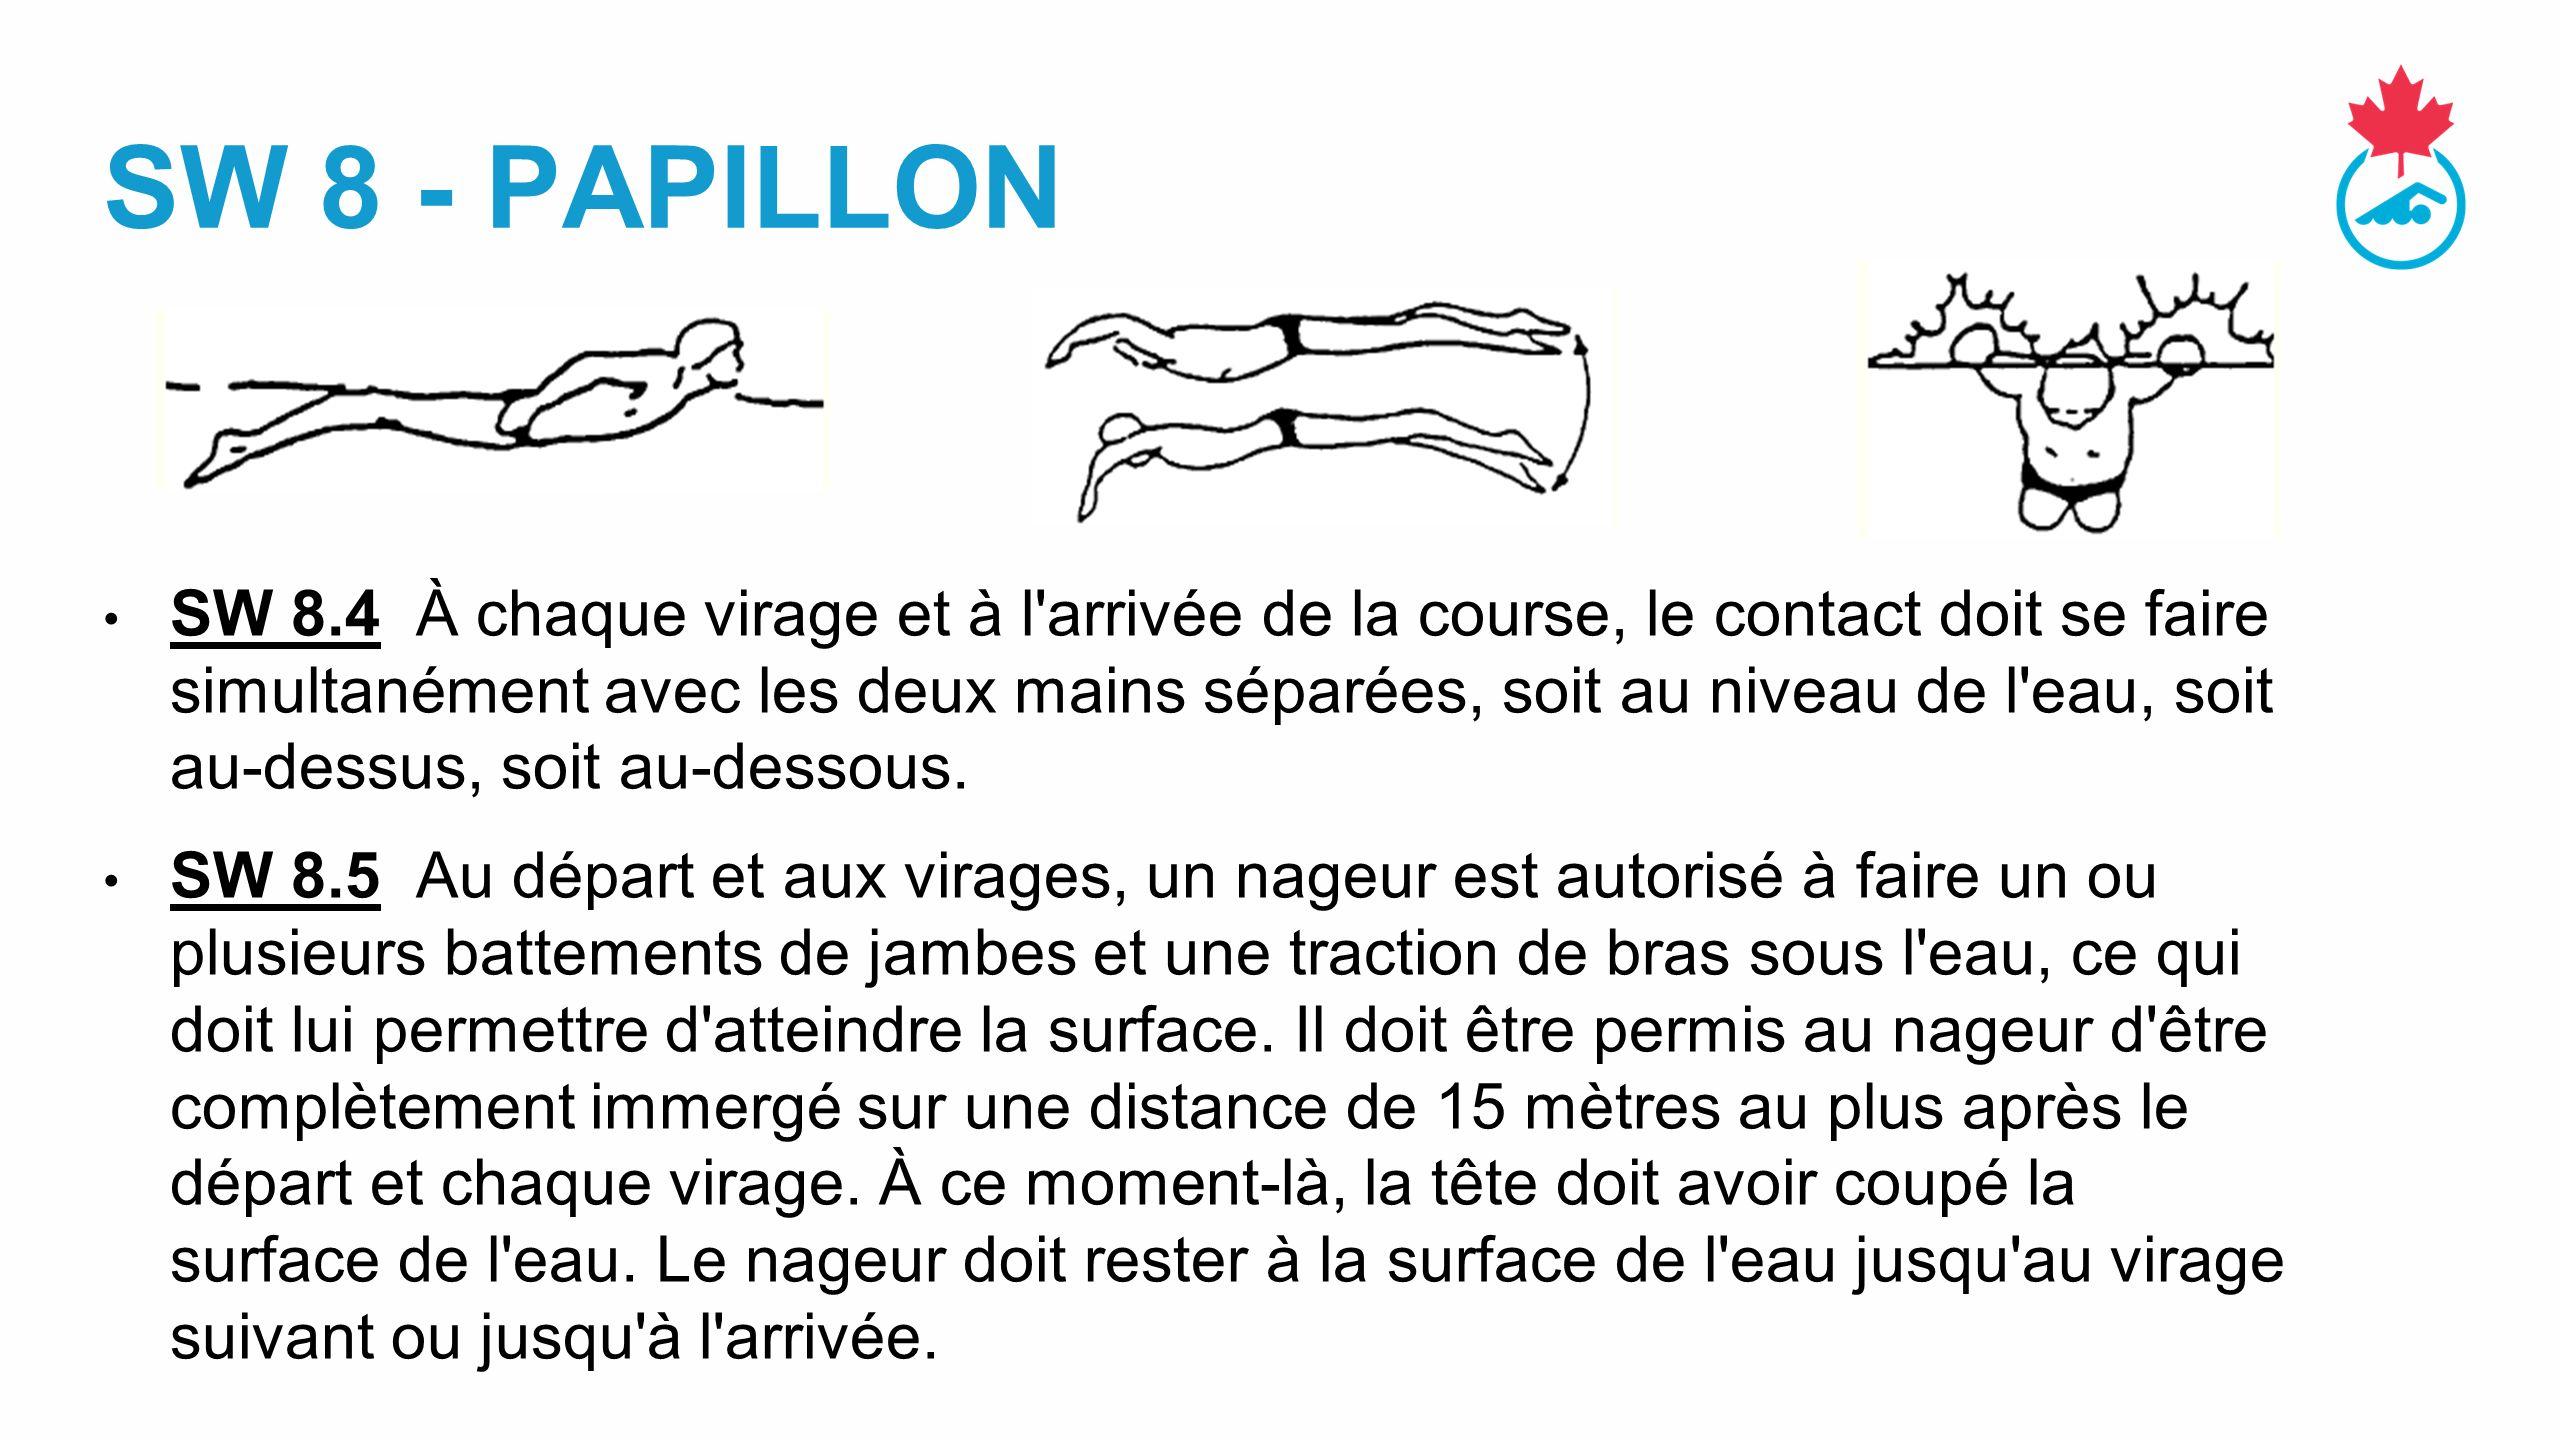 SW 8 - PAPILLON